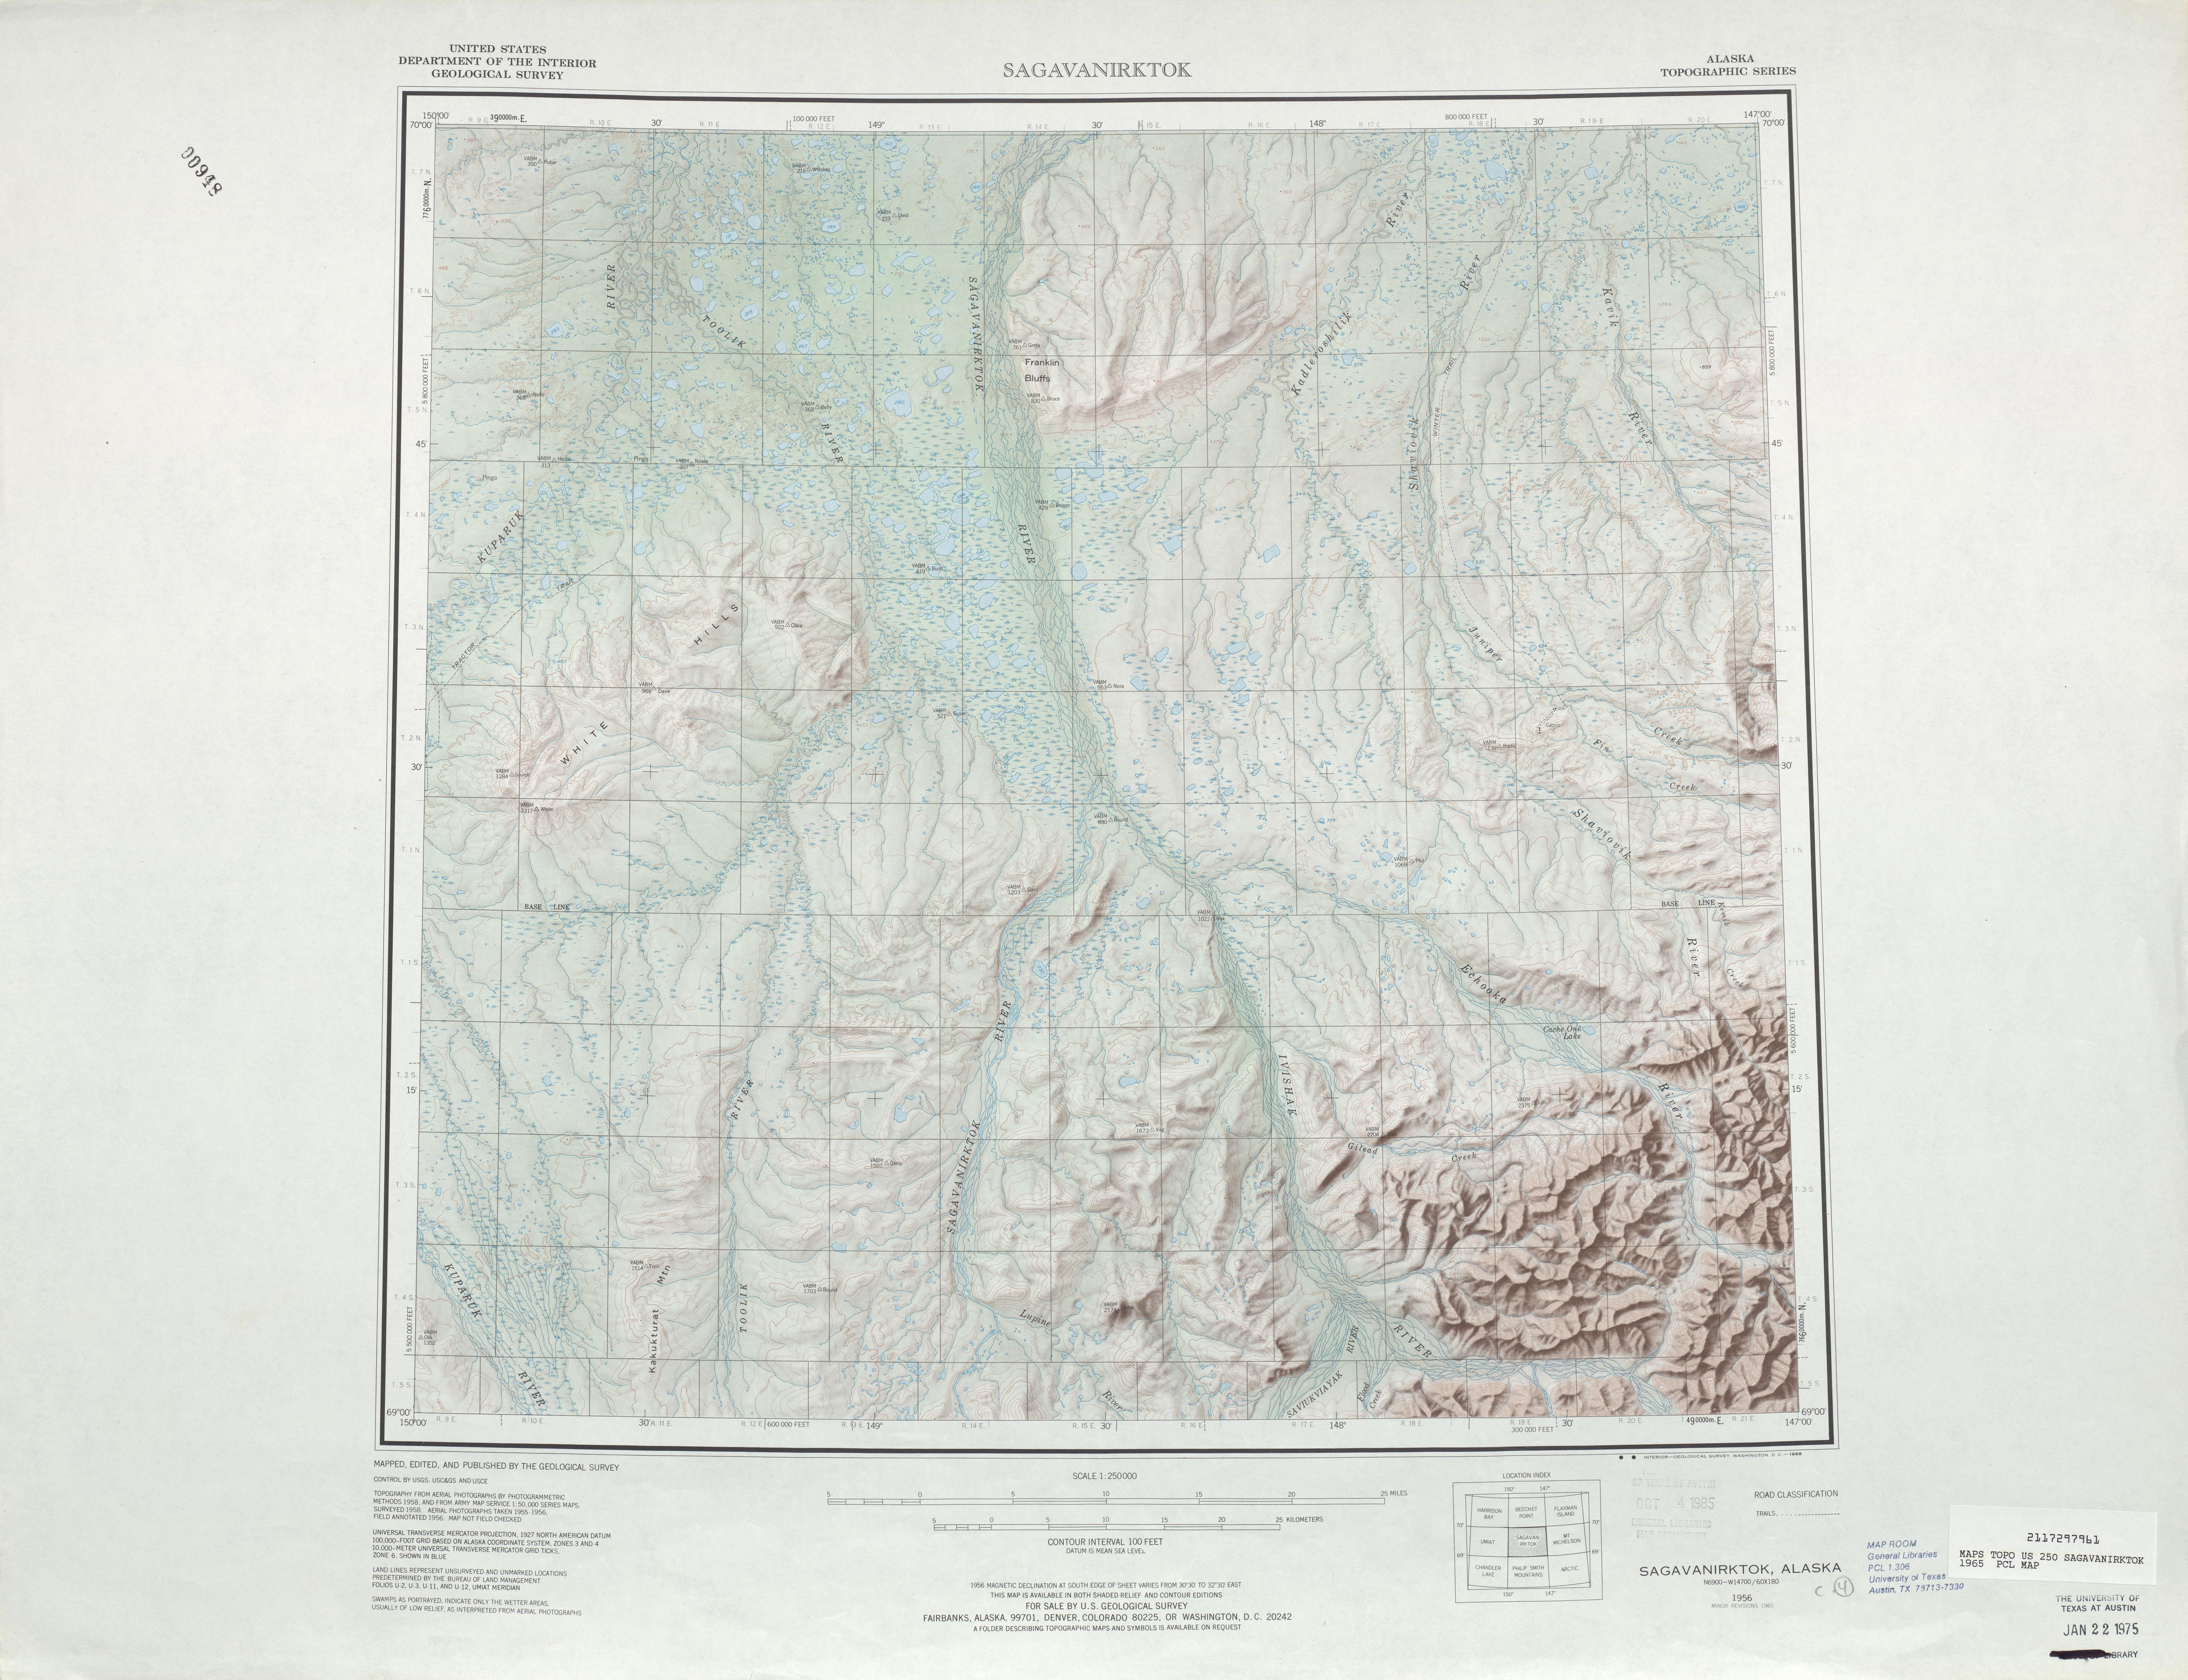 Hoja Sagavanirktok del Mapa Topográfico de los Estados Unidos 1965